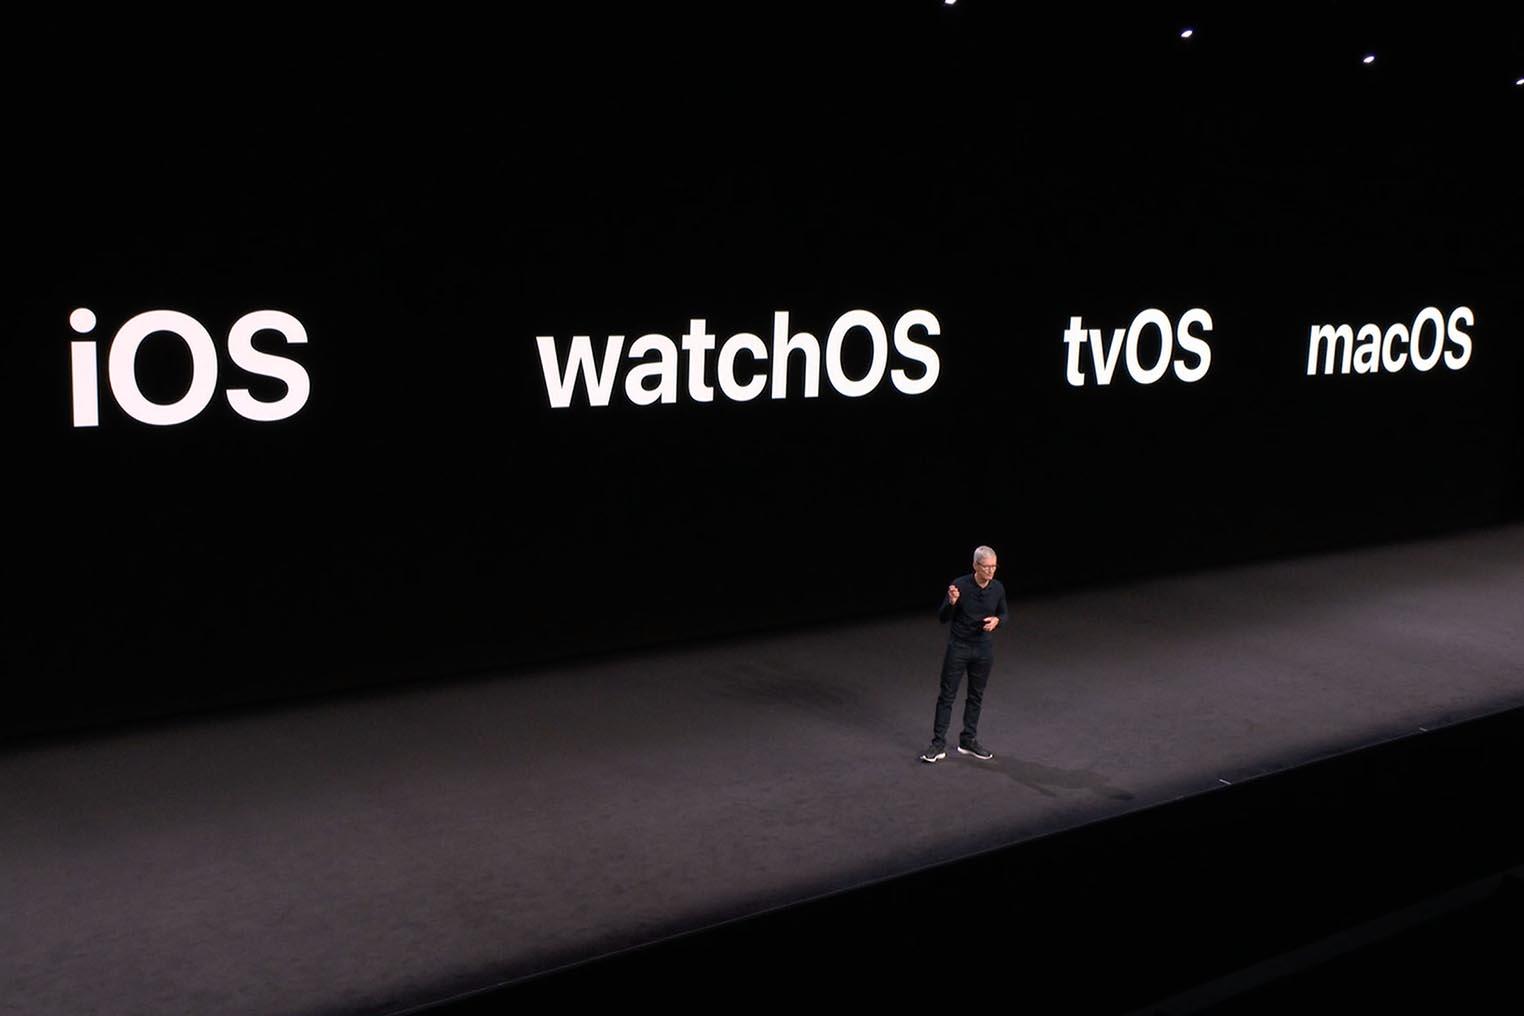 iOS macOS tvOS watchOS